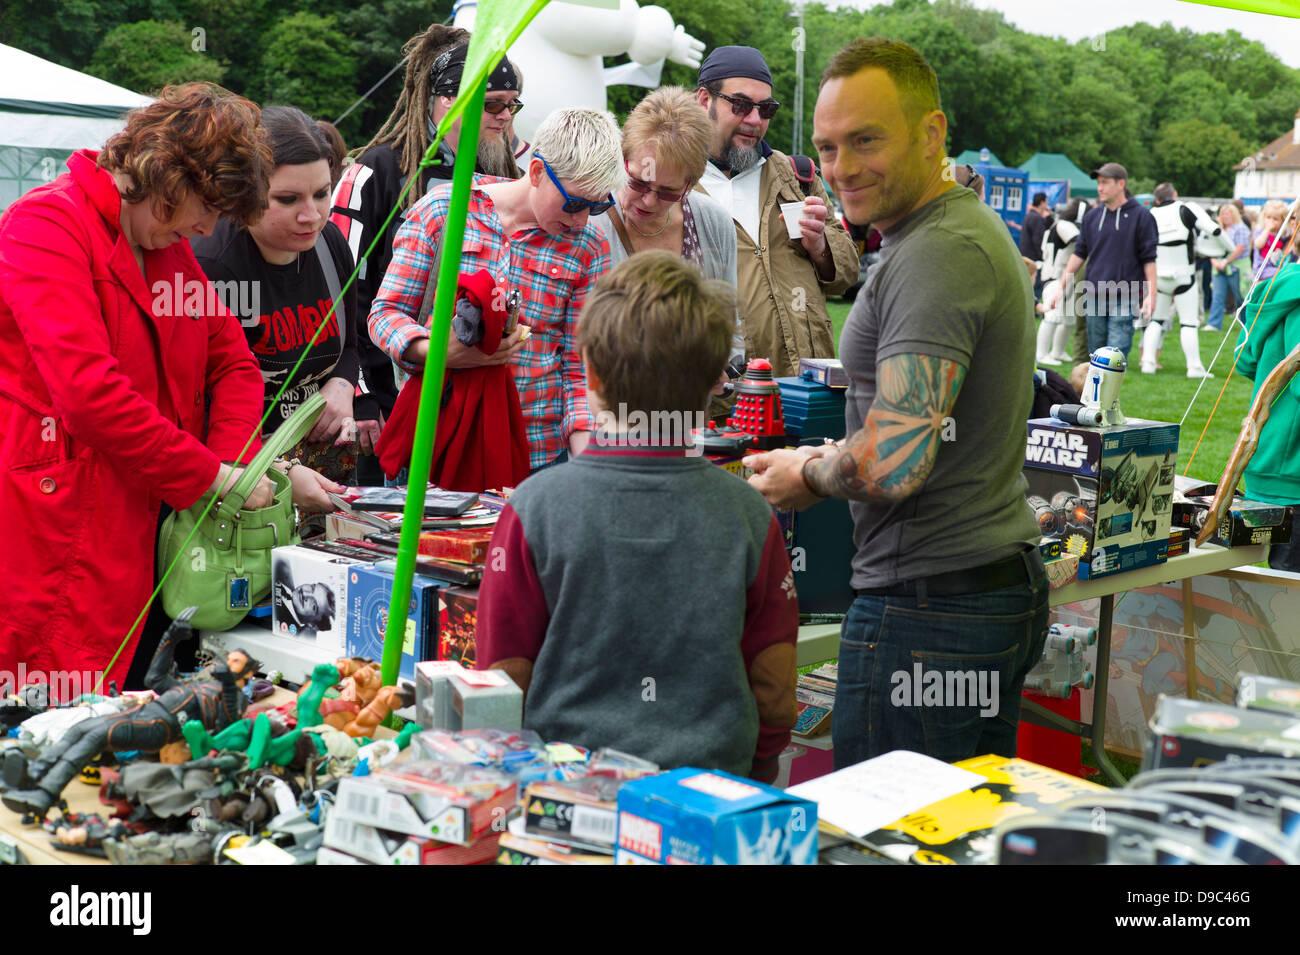 Ein Stall-Inhaber Verkauf von Science Fiction Spielzeug in Herne Bay Si-Fi durch das Meer-Ereignis Stockbild